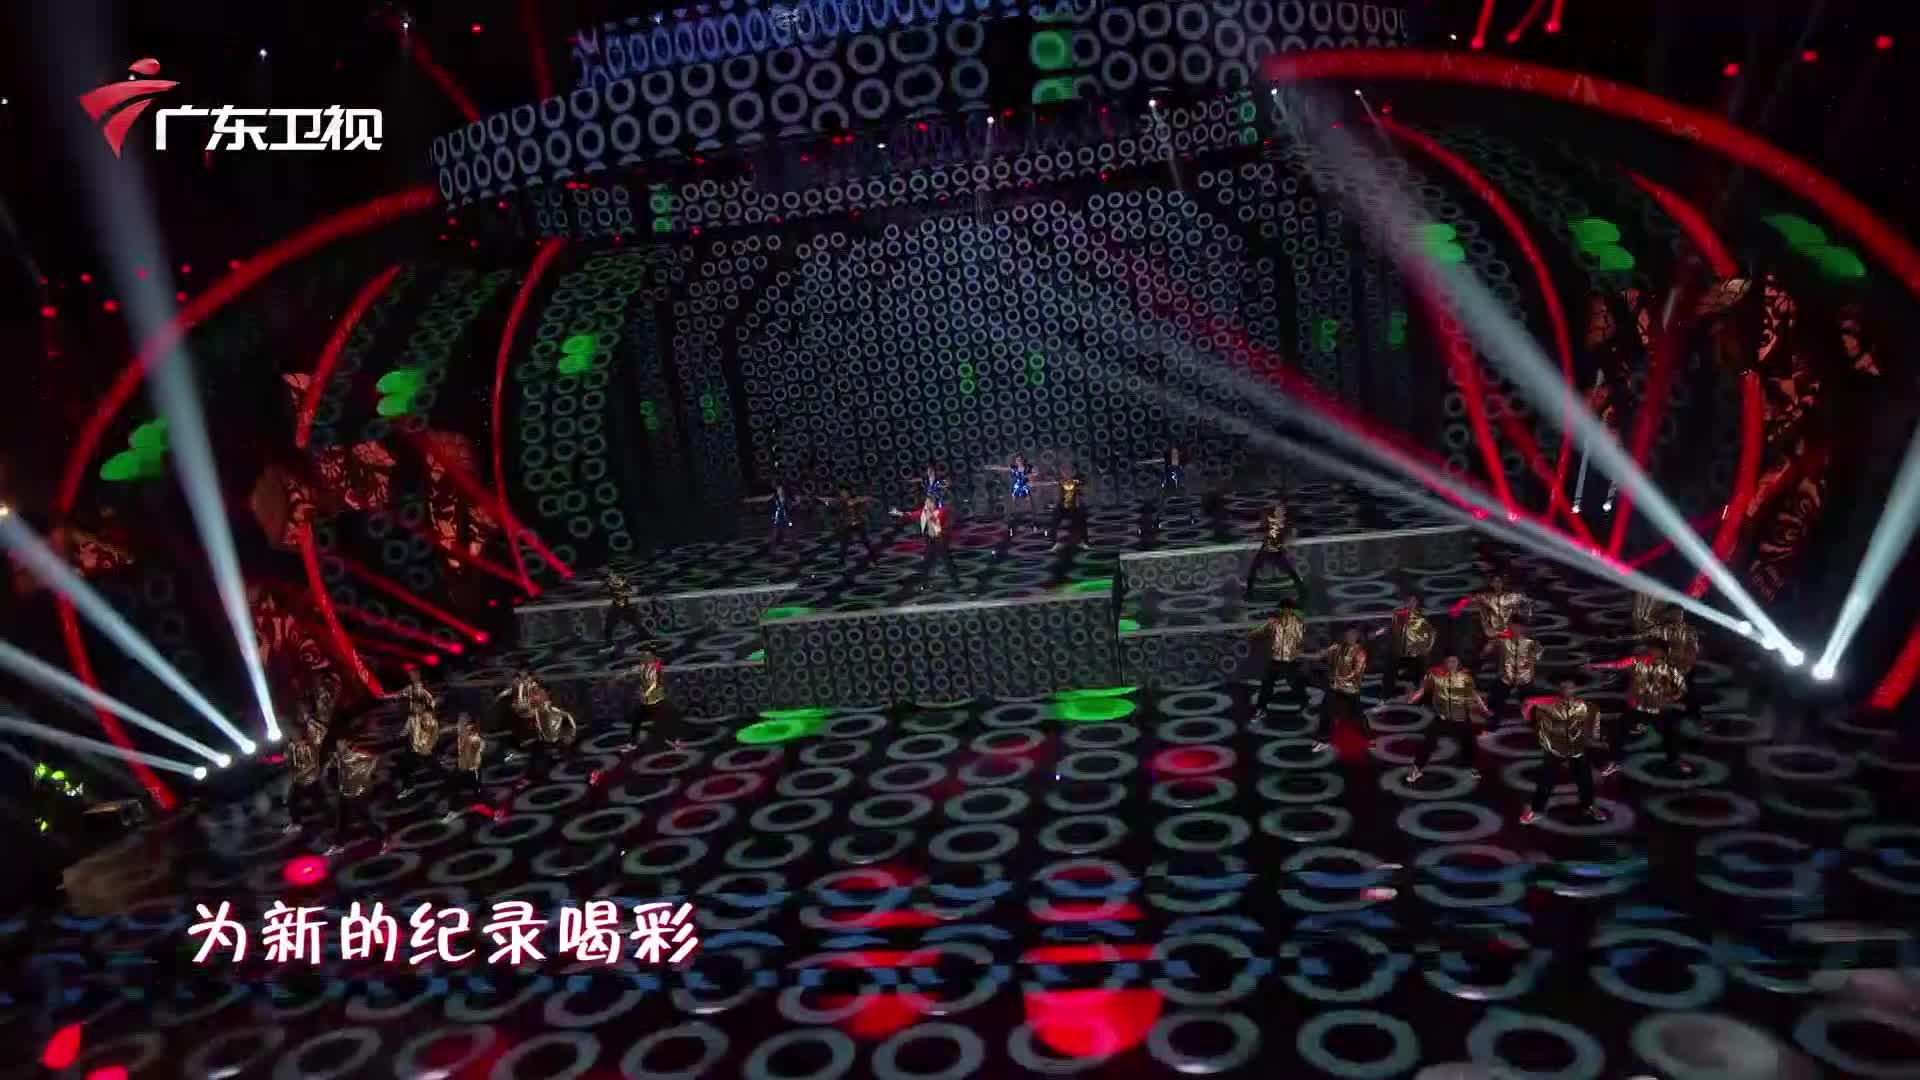 郭富城劲歌热舞嗨翻全场,邀您鼠年新春《动起来》!